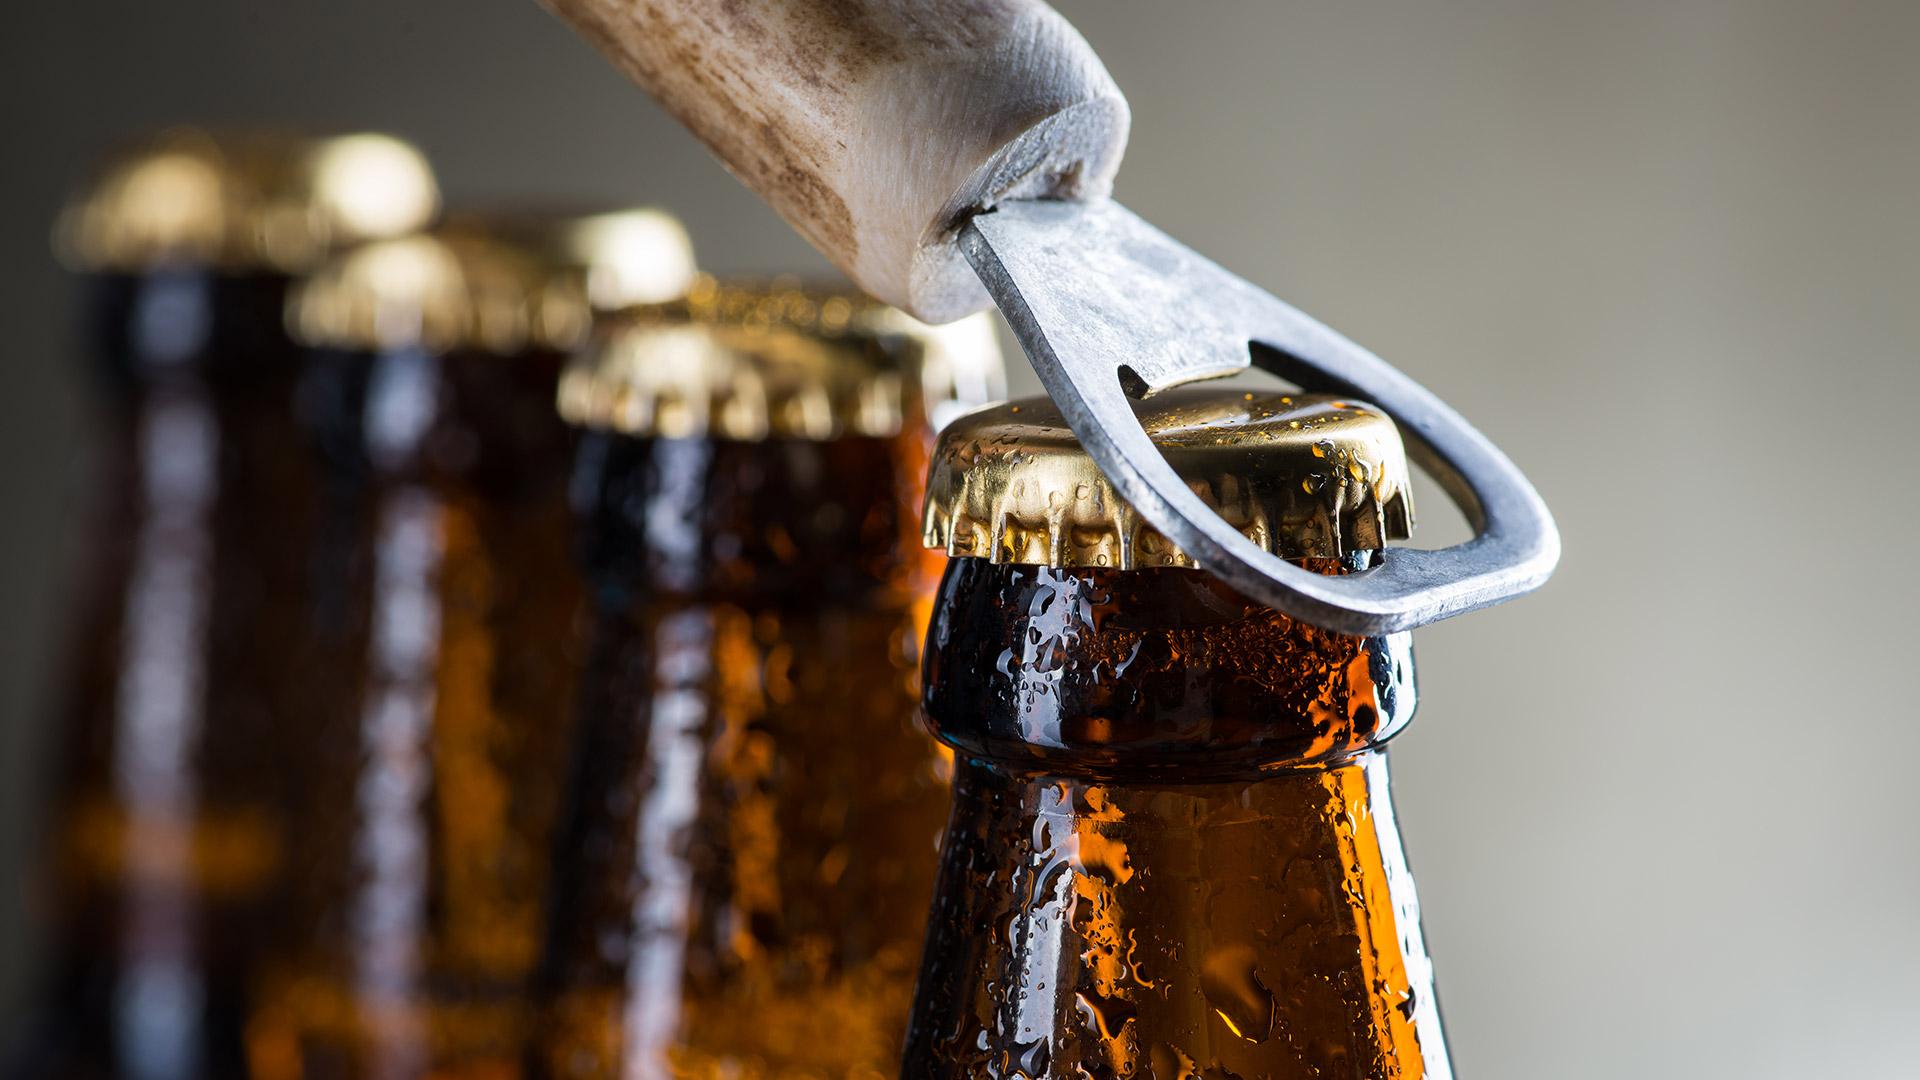 Algún Problema? viva el presente, Solución temporal acá Cerveza!